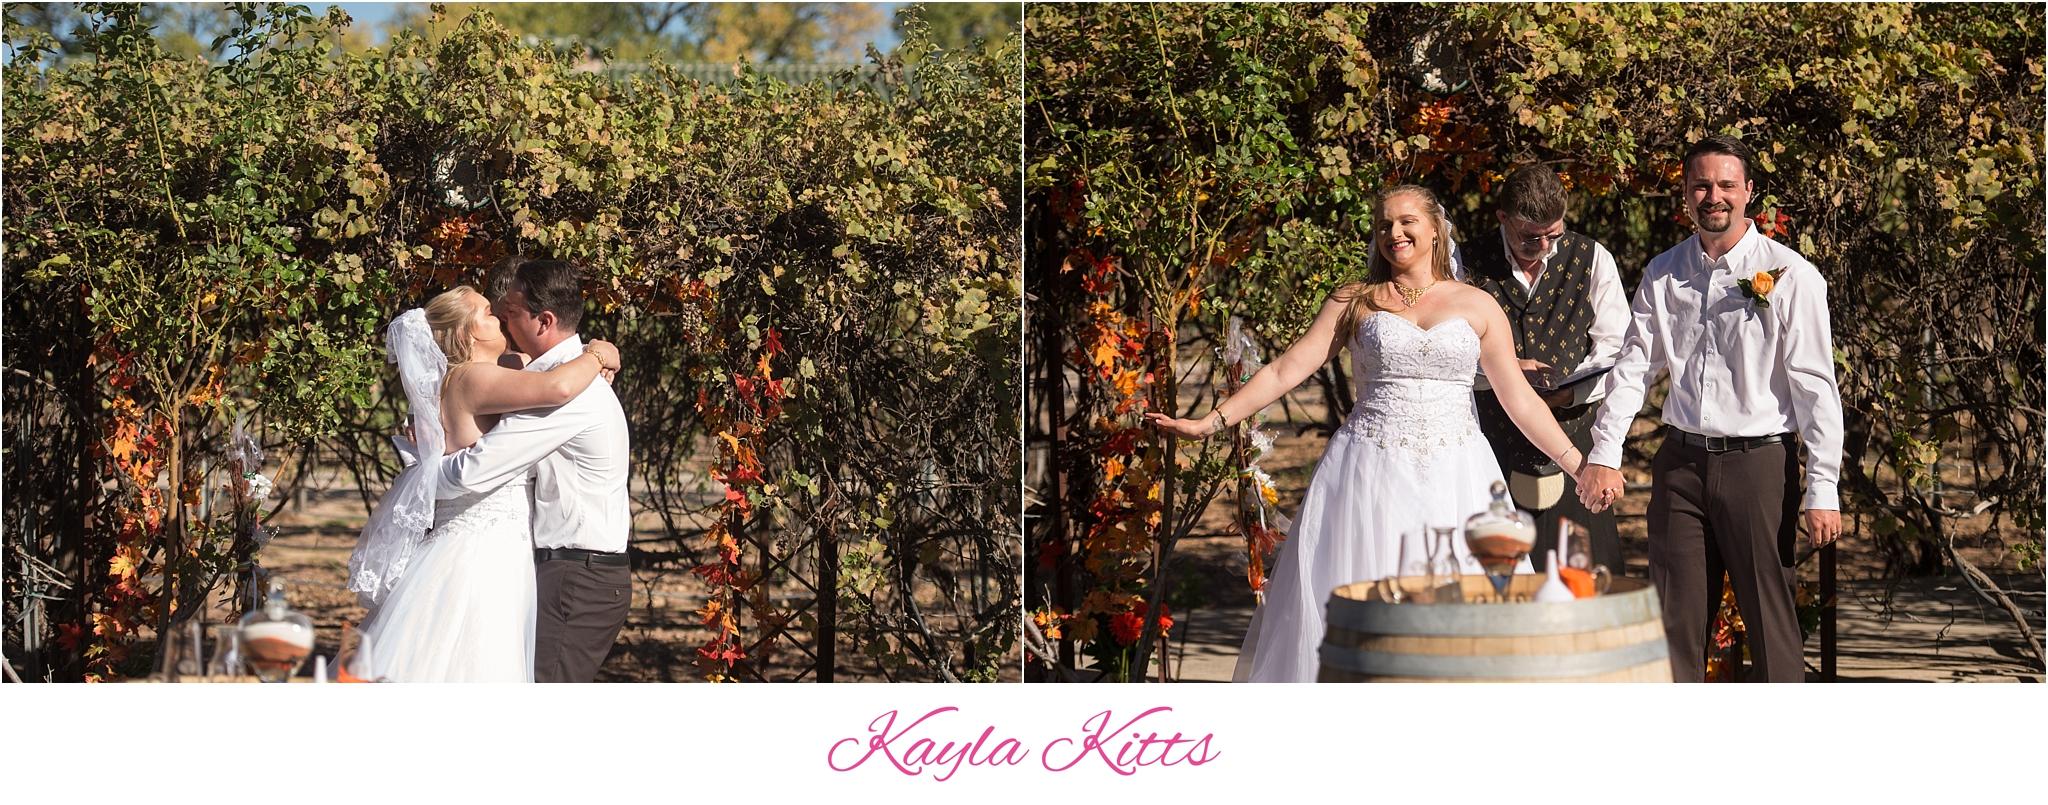 kayla kitts photography - albuquerque wedding photographer - albuquerque wedding photography - albuquerque venue - casa rondena - casa rondea wedding - new mexico wedding photographer_0013.jpg